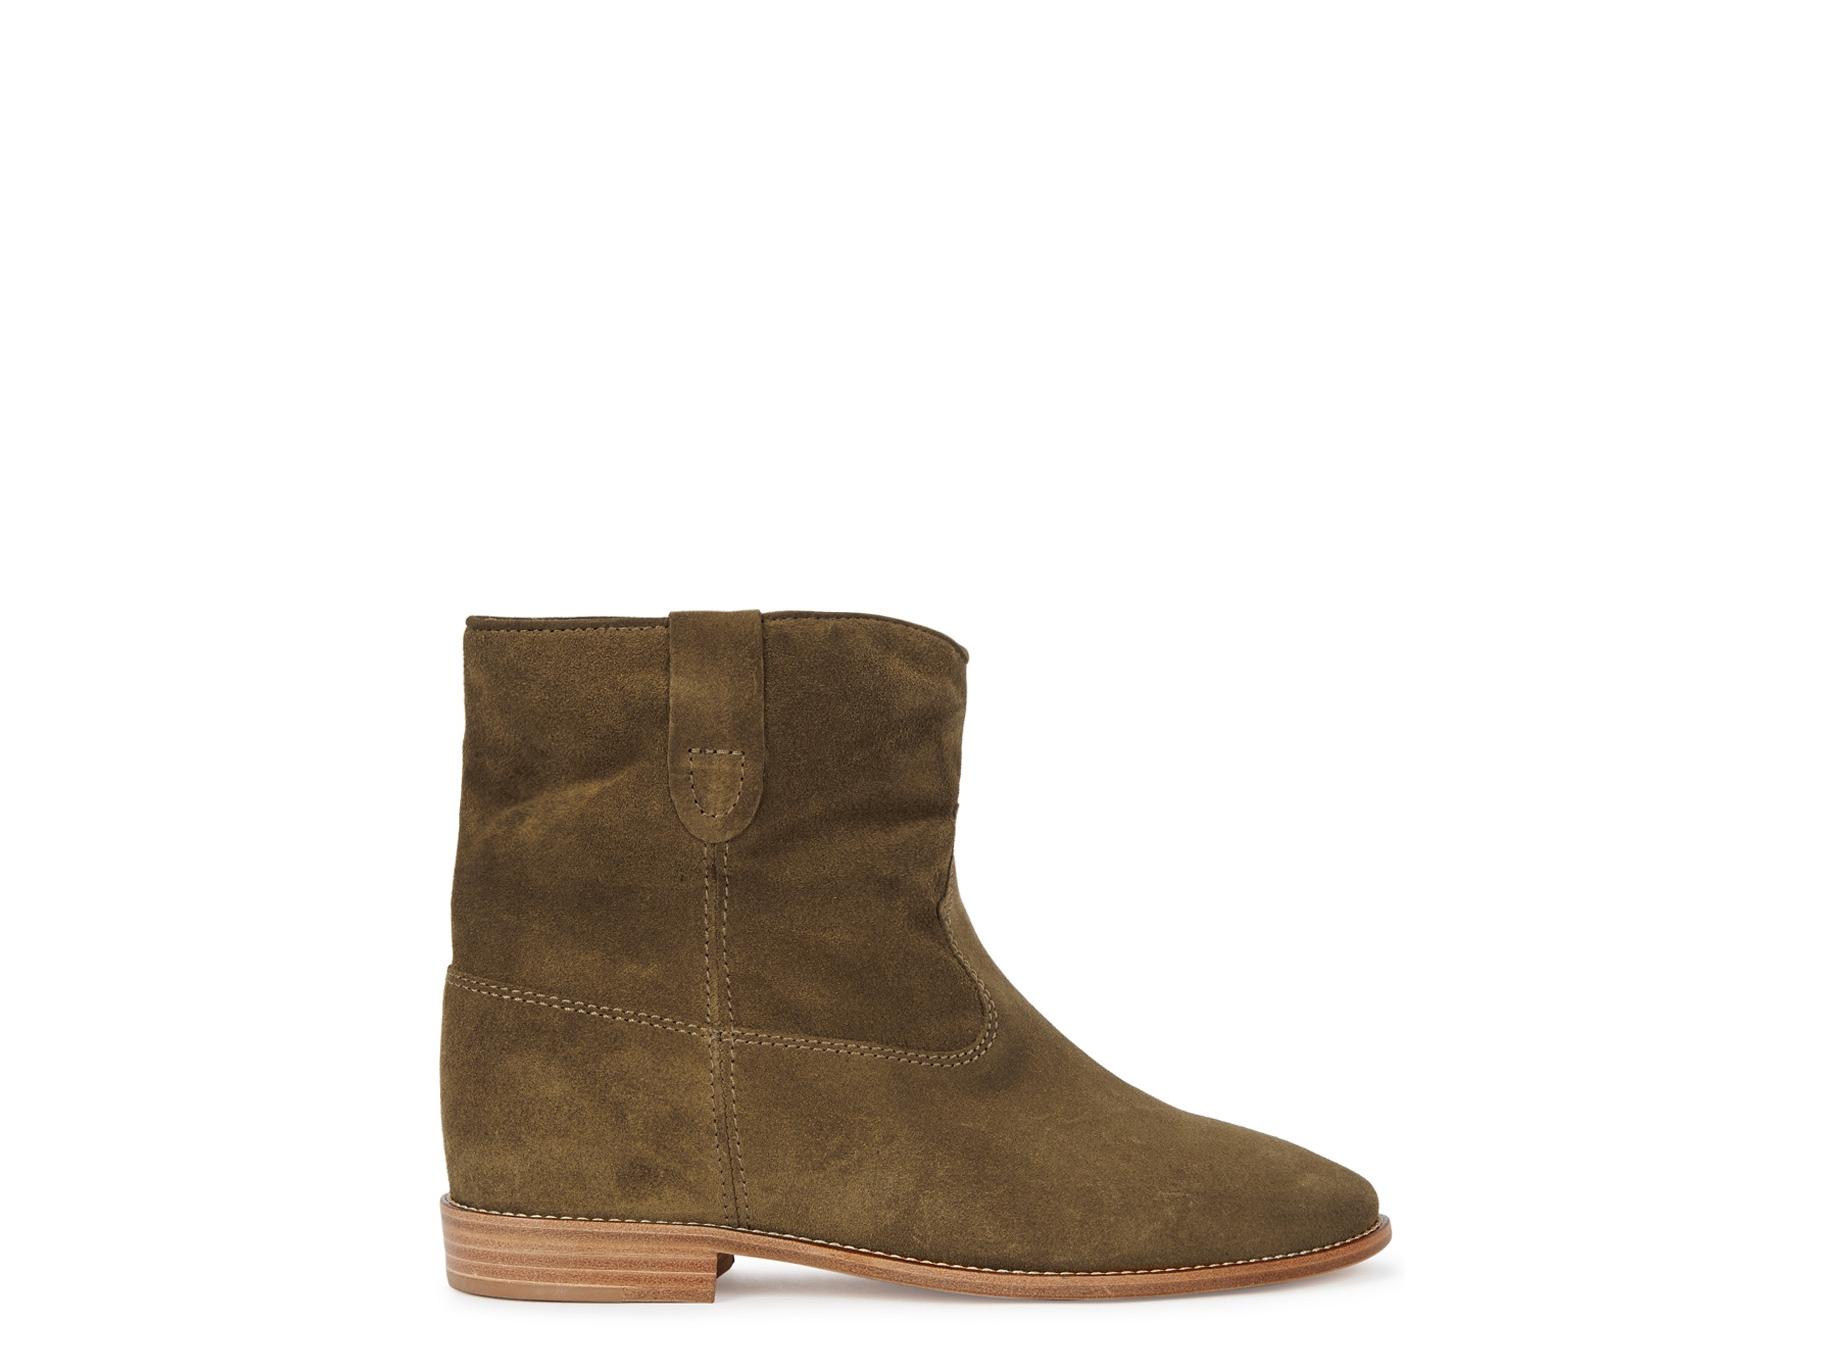 a53c1e446d4 Isabel Marant Crisi 75 brown suede ankle boots - Harvey Nichols